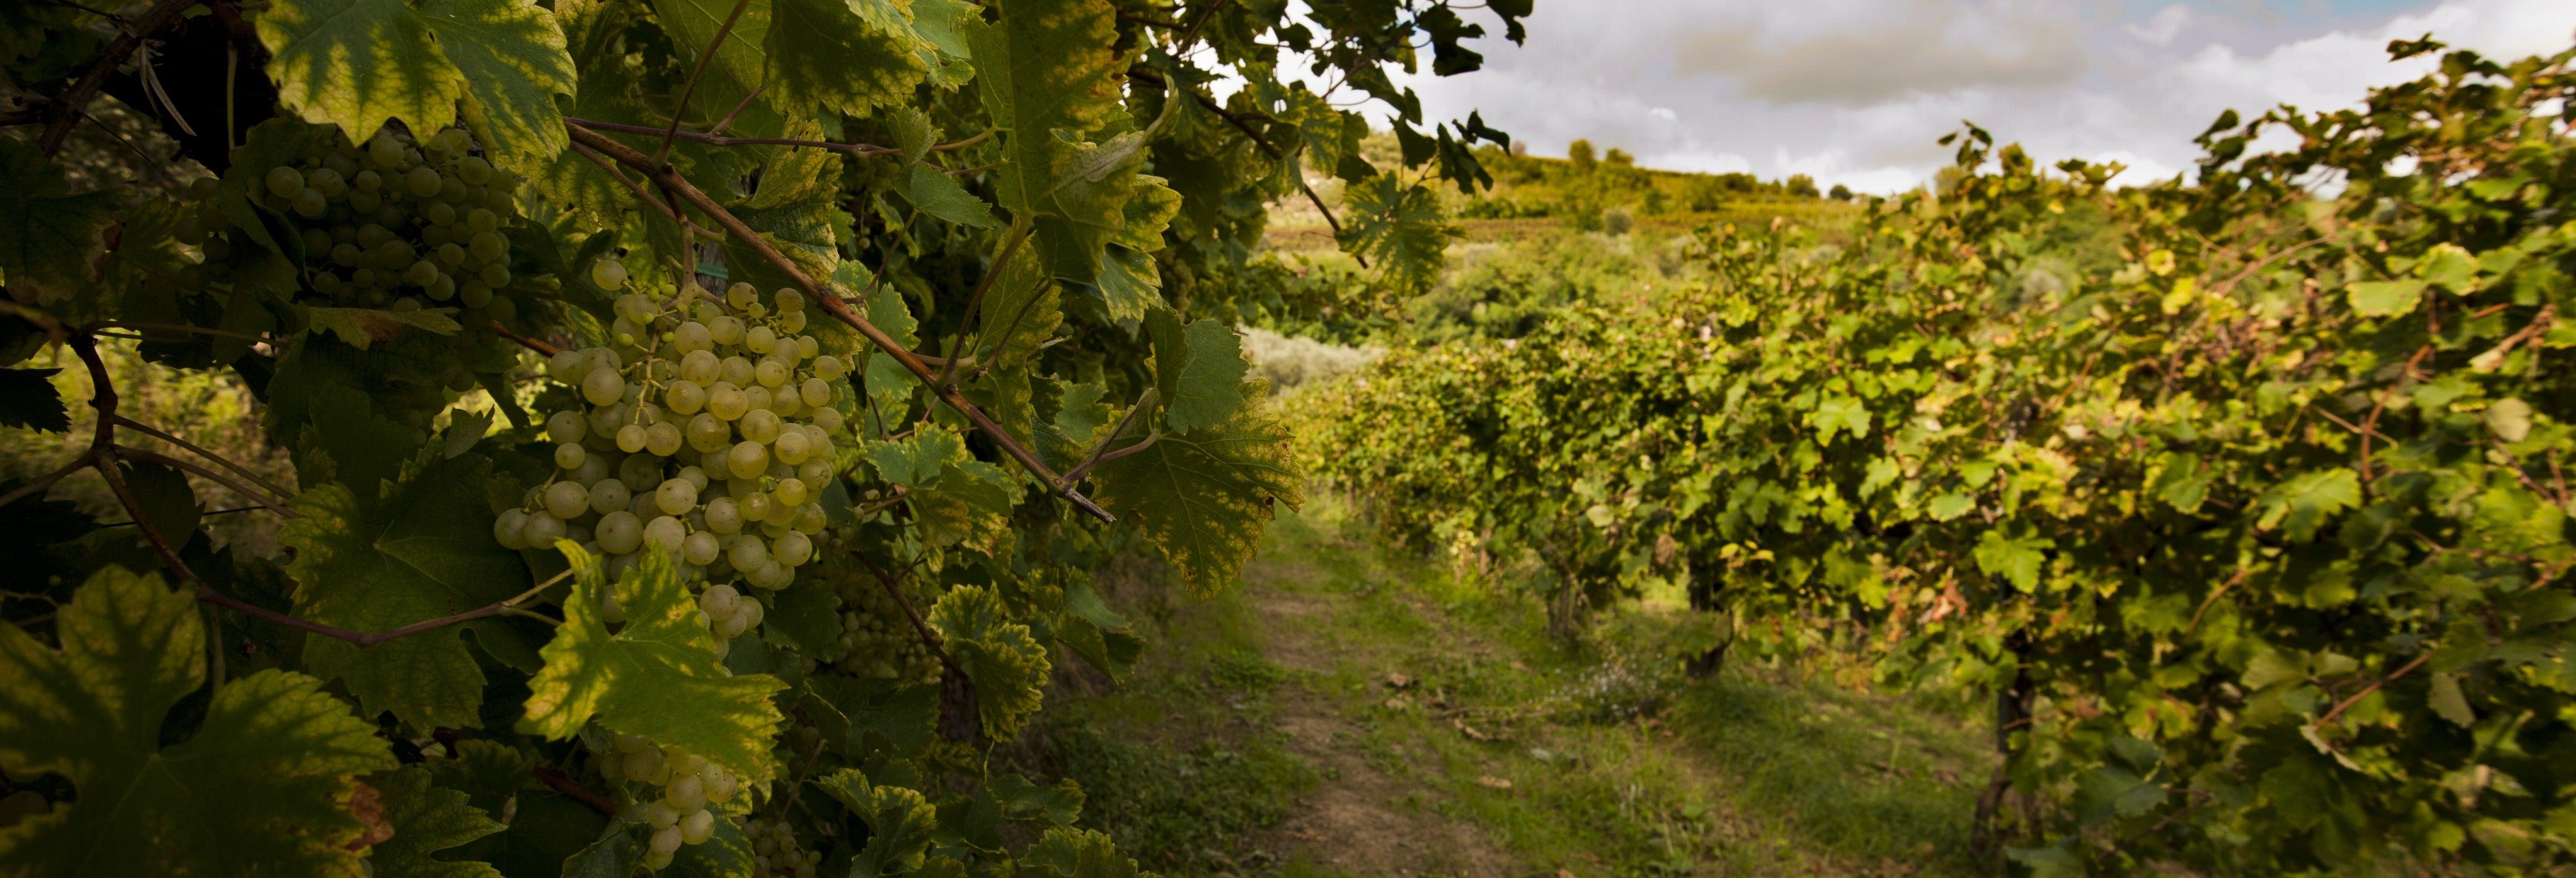 Tour por los viñedos de Prosecco